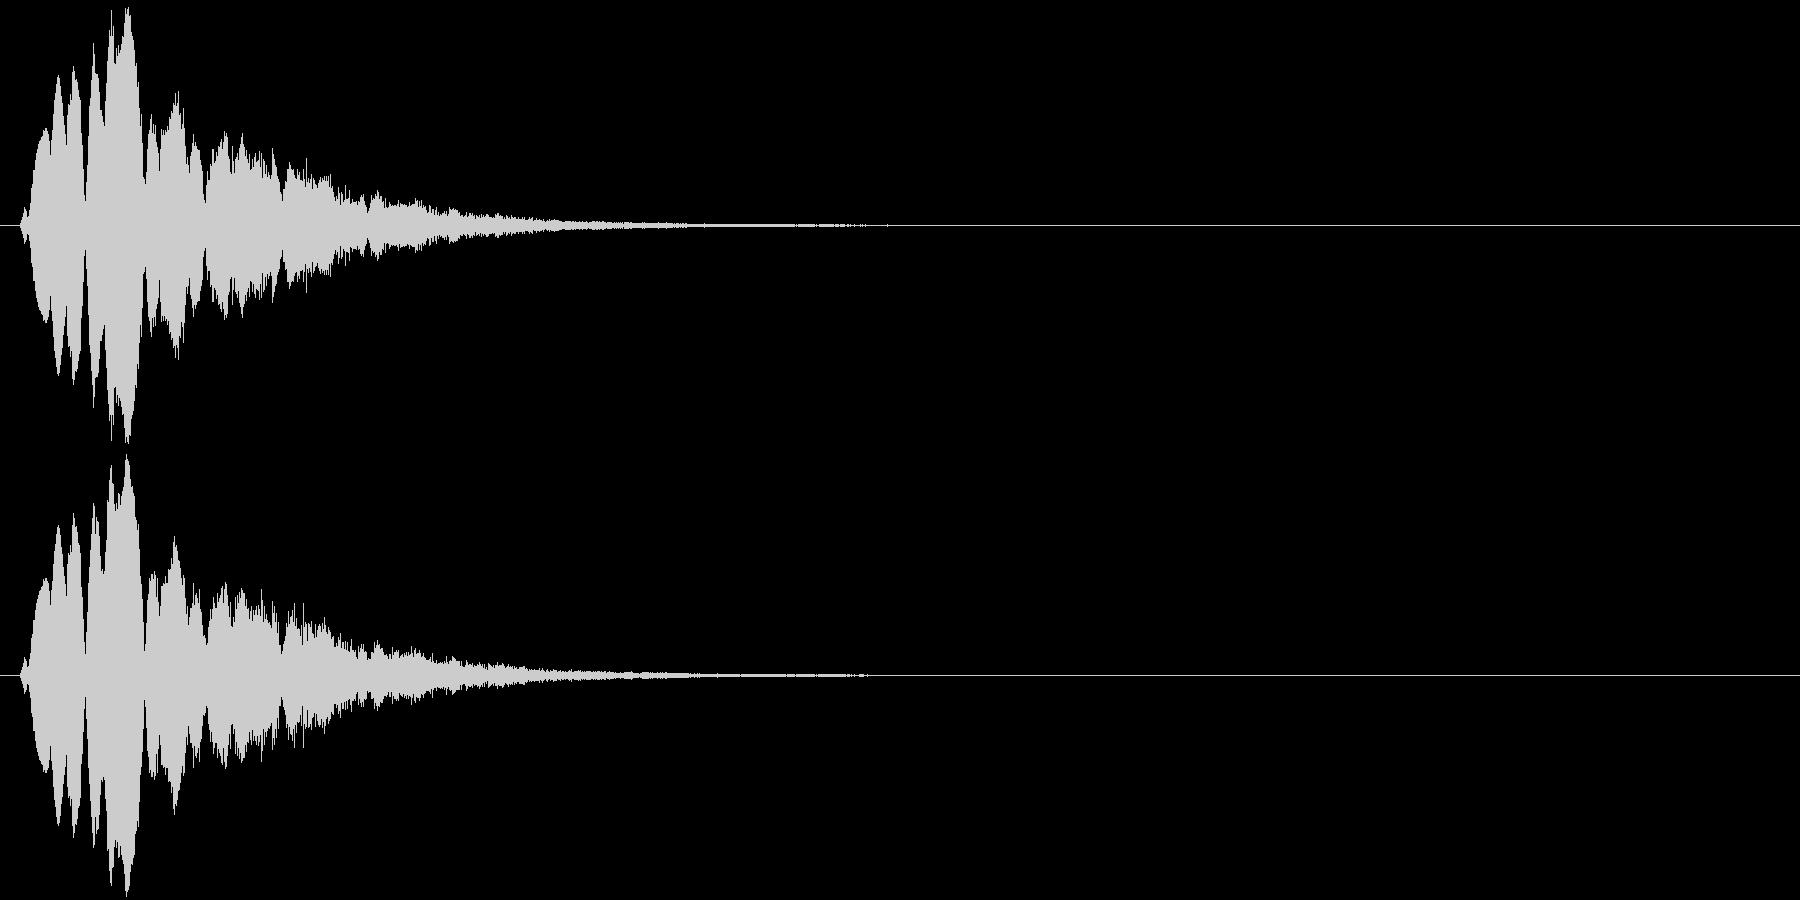 キラキラキラッ↓(流れ星)の未再生の波形